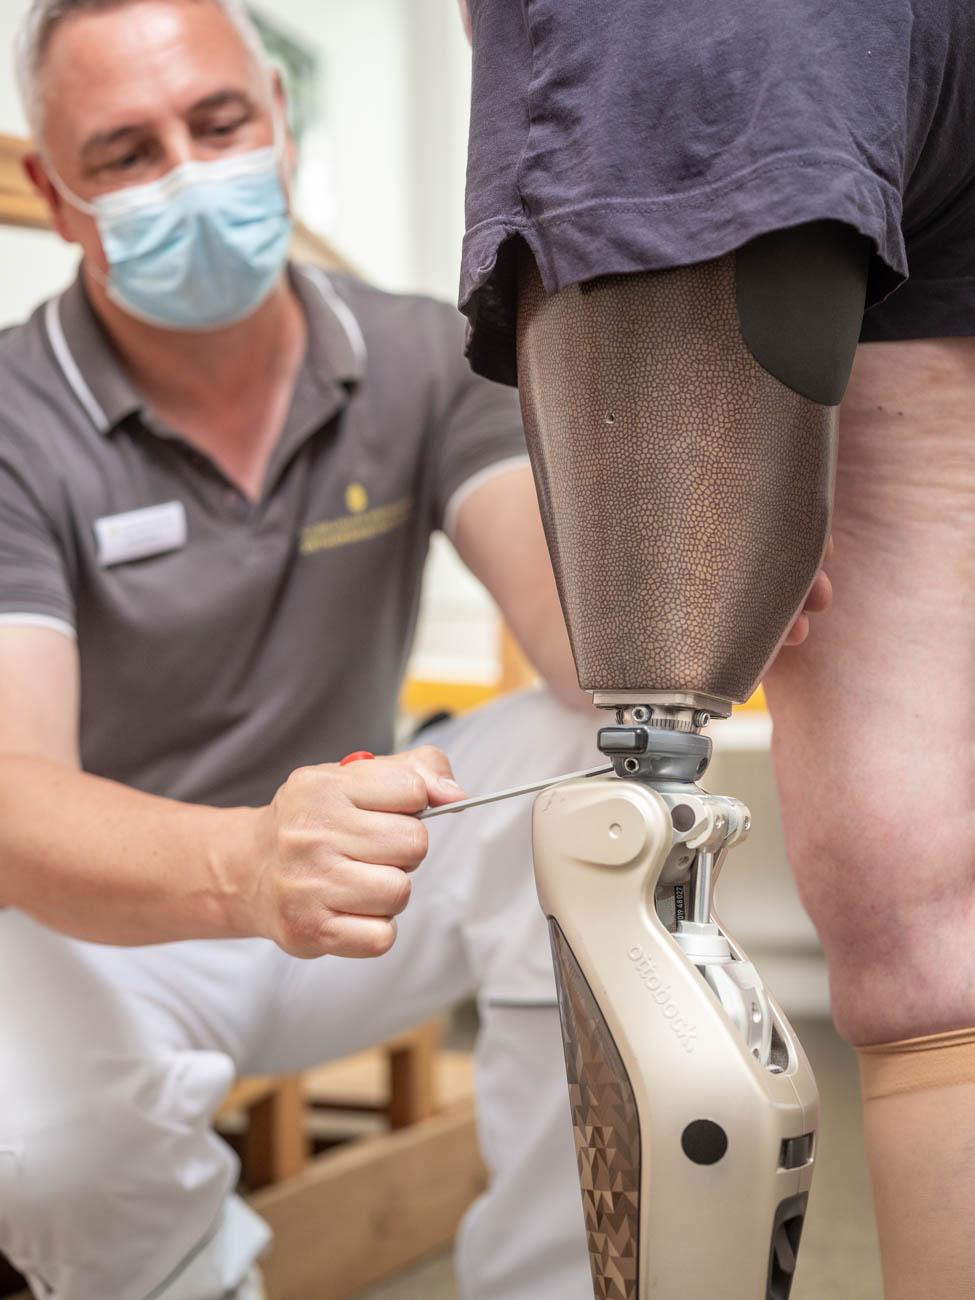 Anpassung Prothese Bein DSF1473